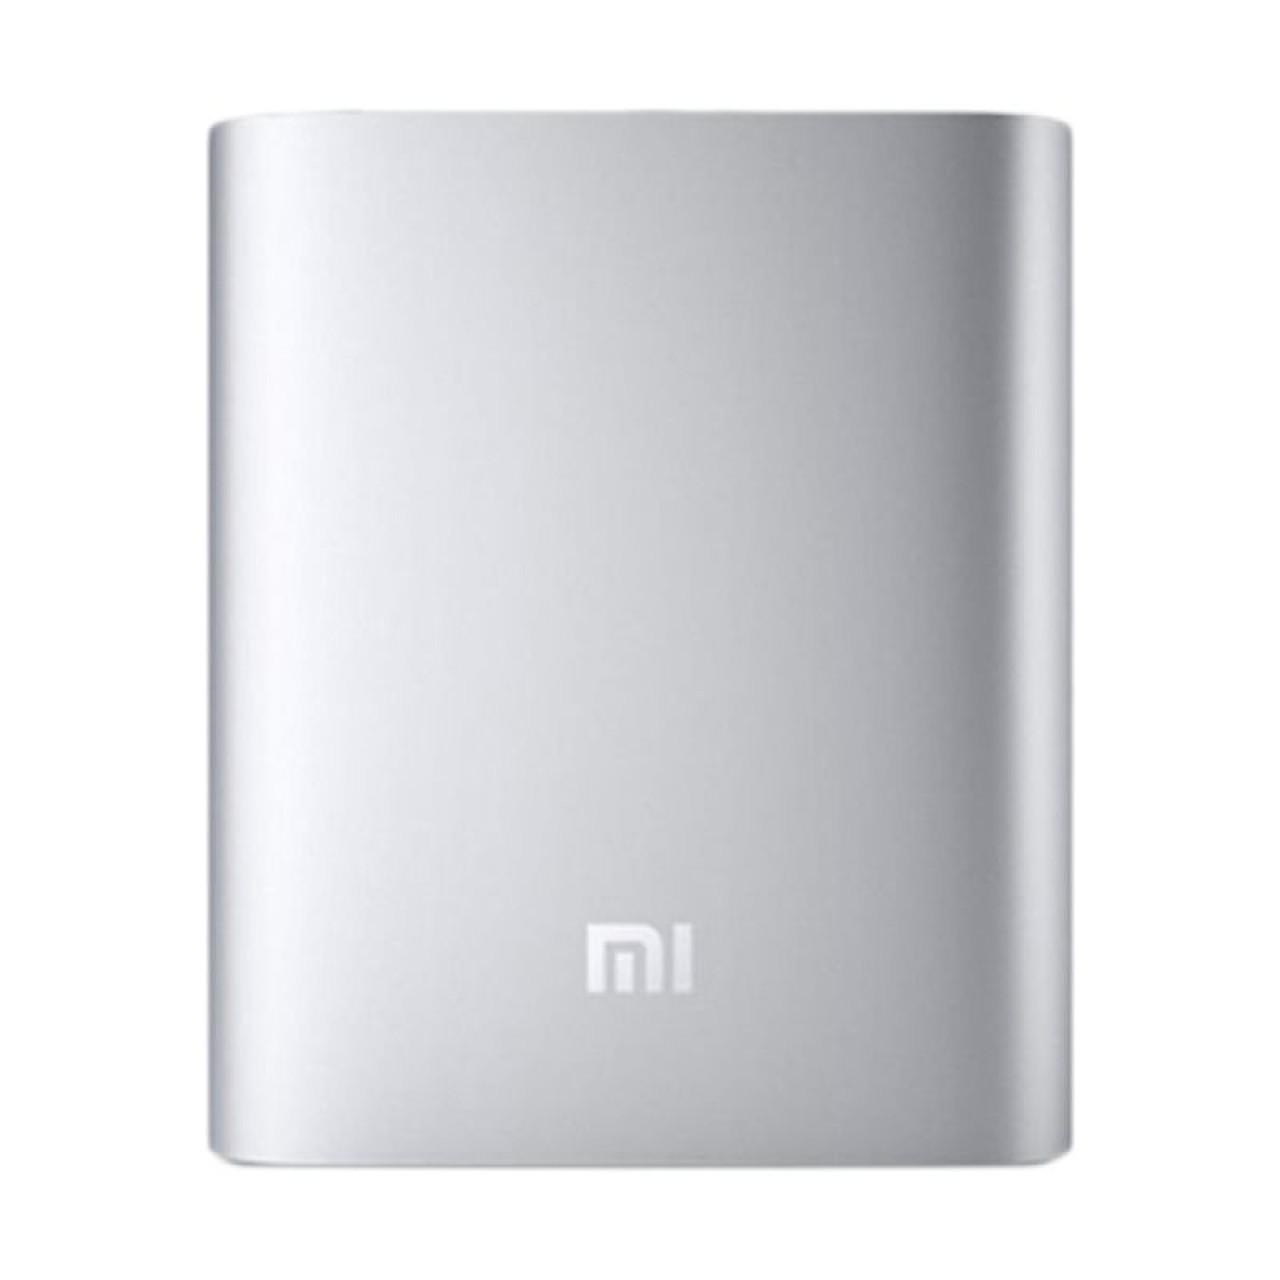 Портативная зарядка для телефона в стиле Xiaomi Power Bank 10400 mAh серебро 130115